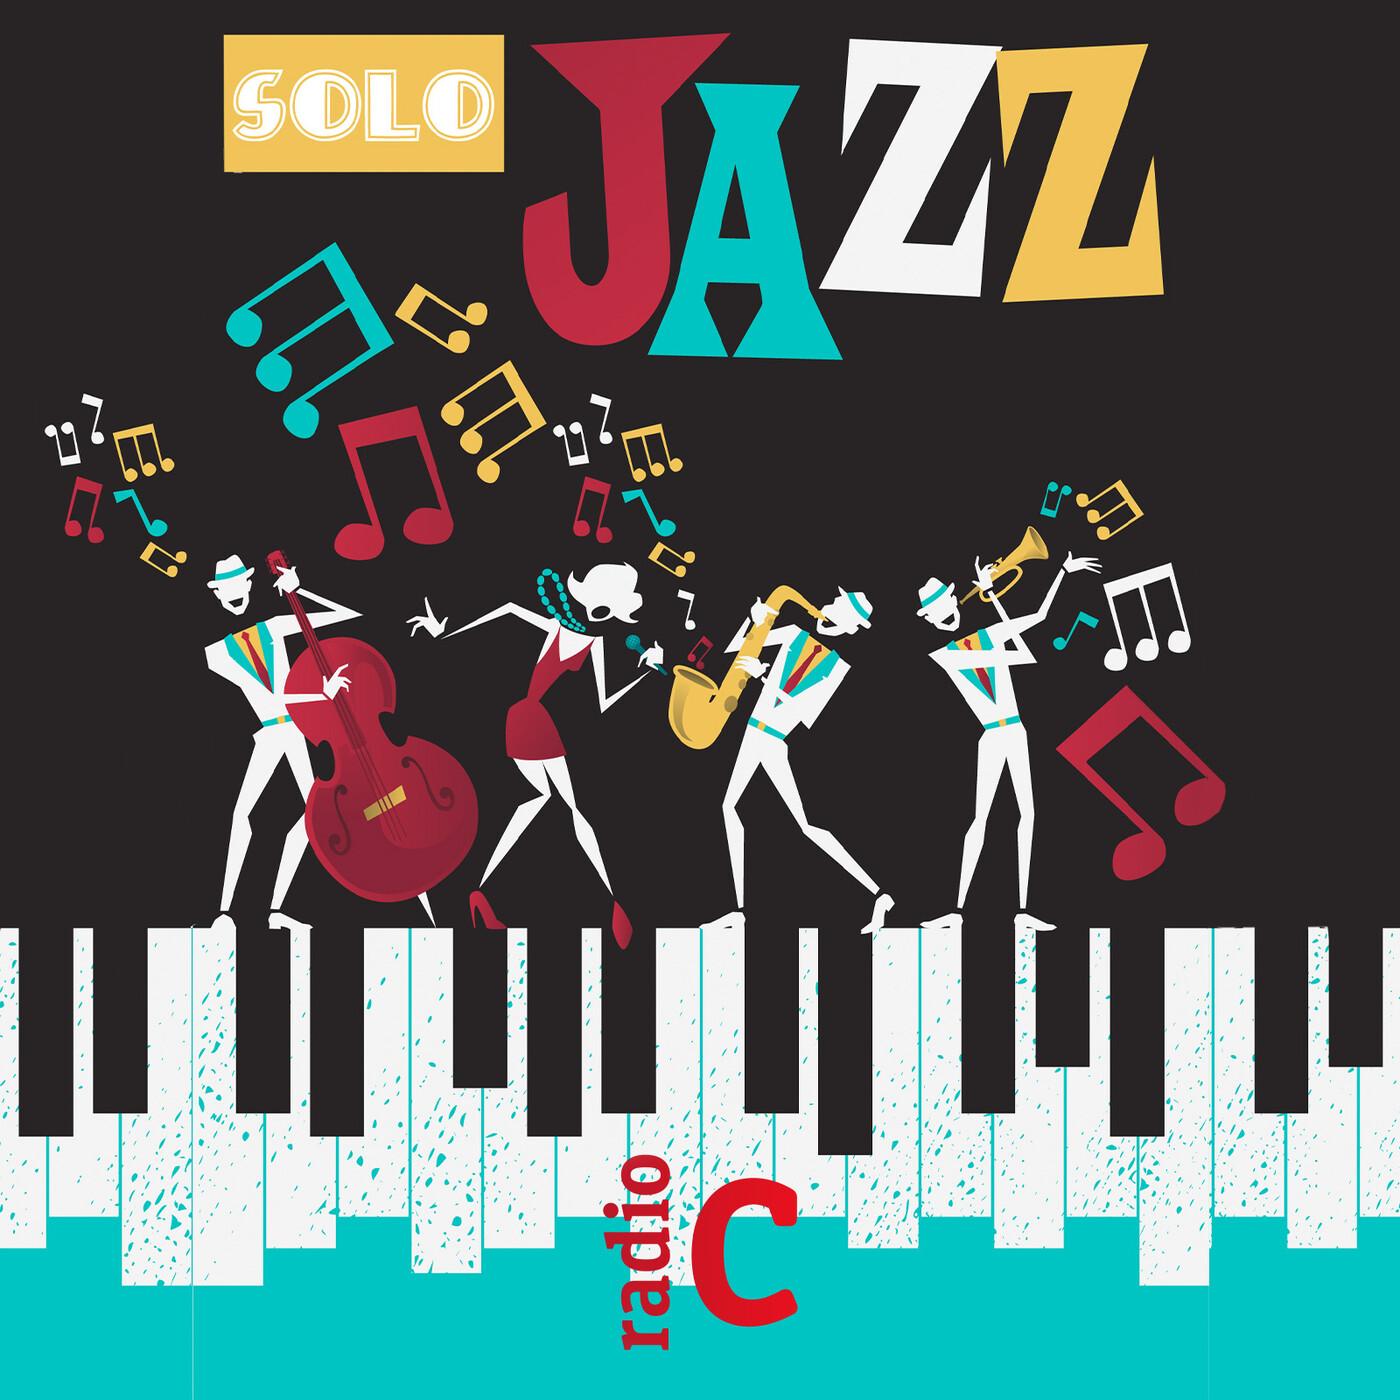 Solo jazz - No solemos hablar de Alice Coltrane - 21/10/20